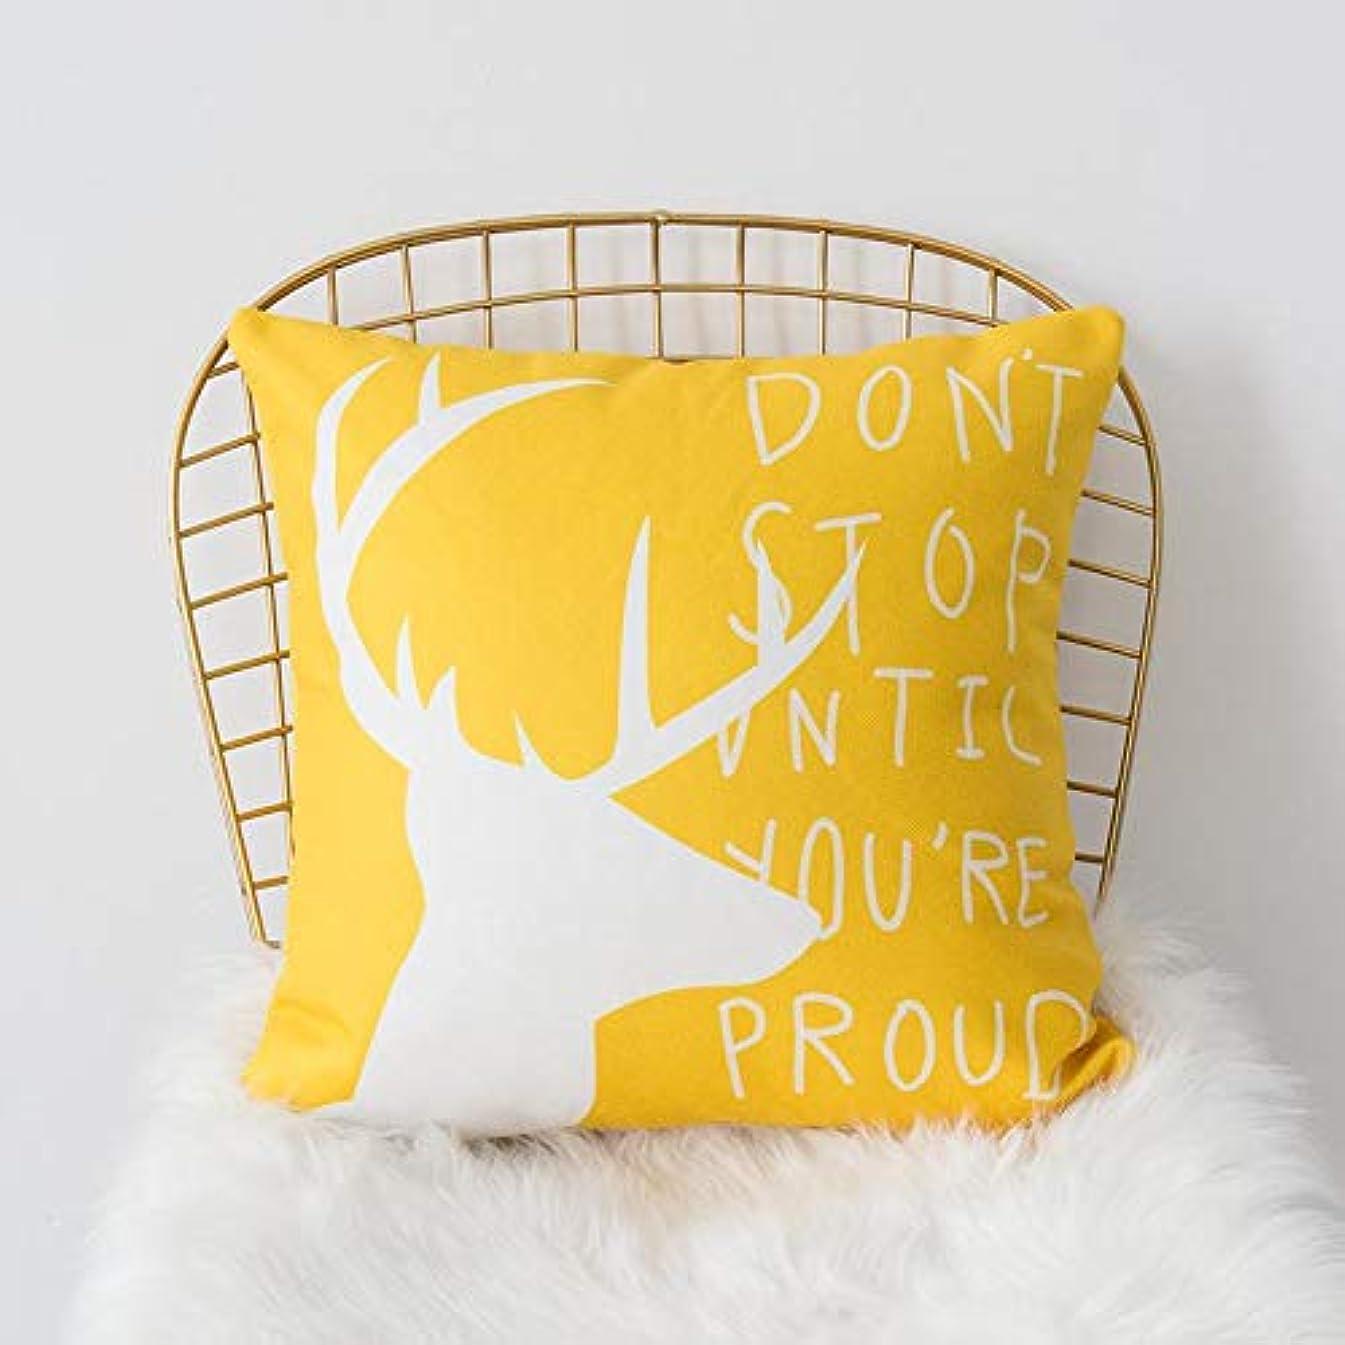 福祉意味喪LIFE 黄色グレー枕北欧スタイル黄色ヘラジカ幾何枕リビングルームのインテリアソファクッション Cojines 装飾良質 クッション 椅子